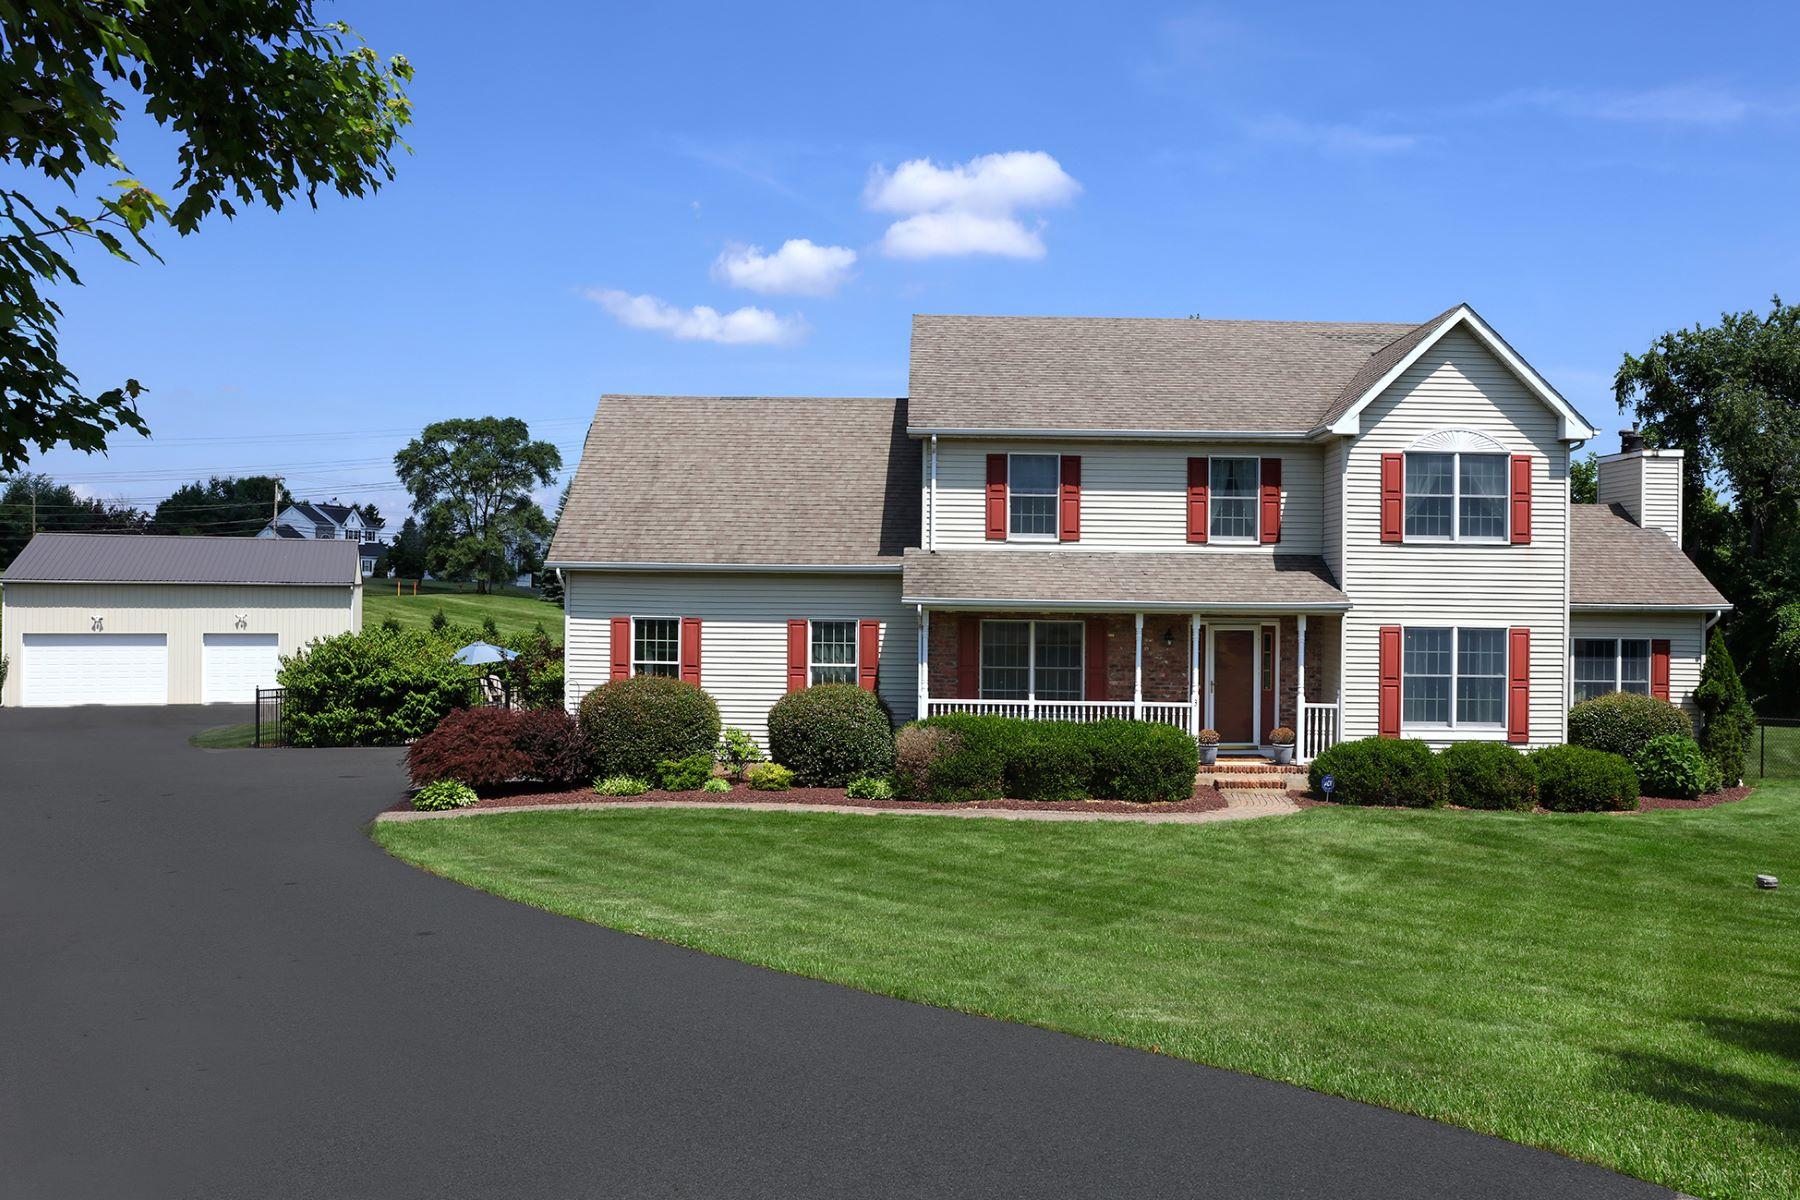 Casa Unifamiliar por un Venta en Charming and Sophisticated Country Colonial 3 Calvin Court, Flemington, Nueva Jersey 08822 Estados UnidosEn/Alrededor: Raritan Township